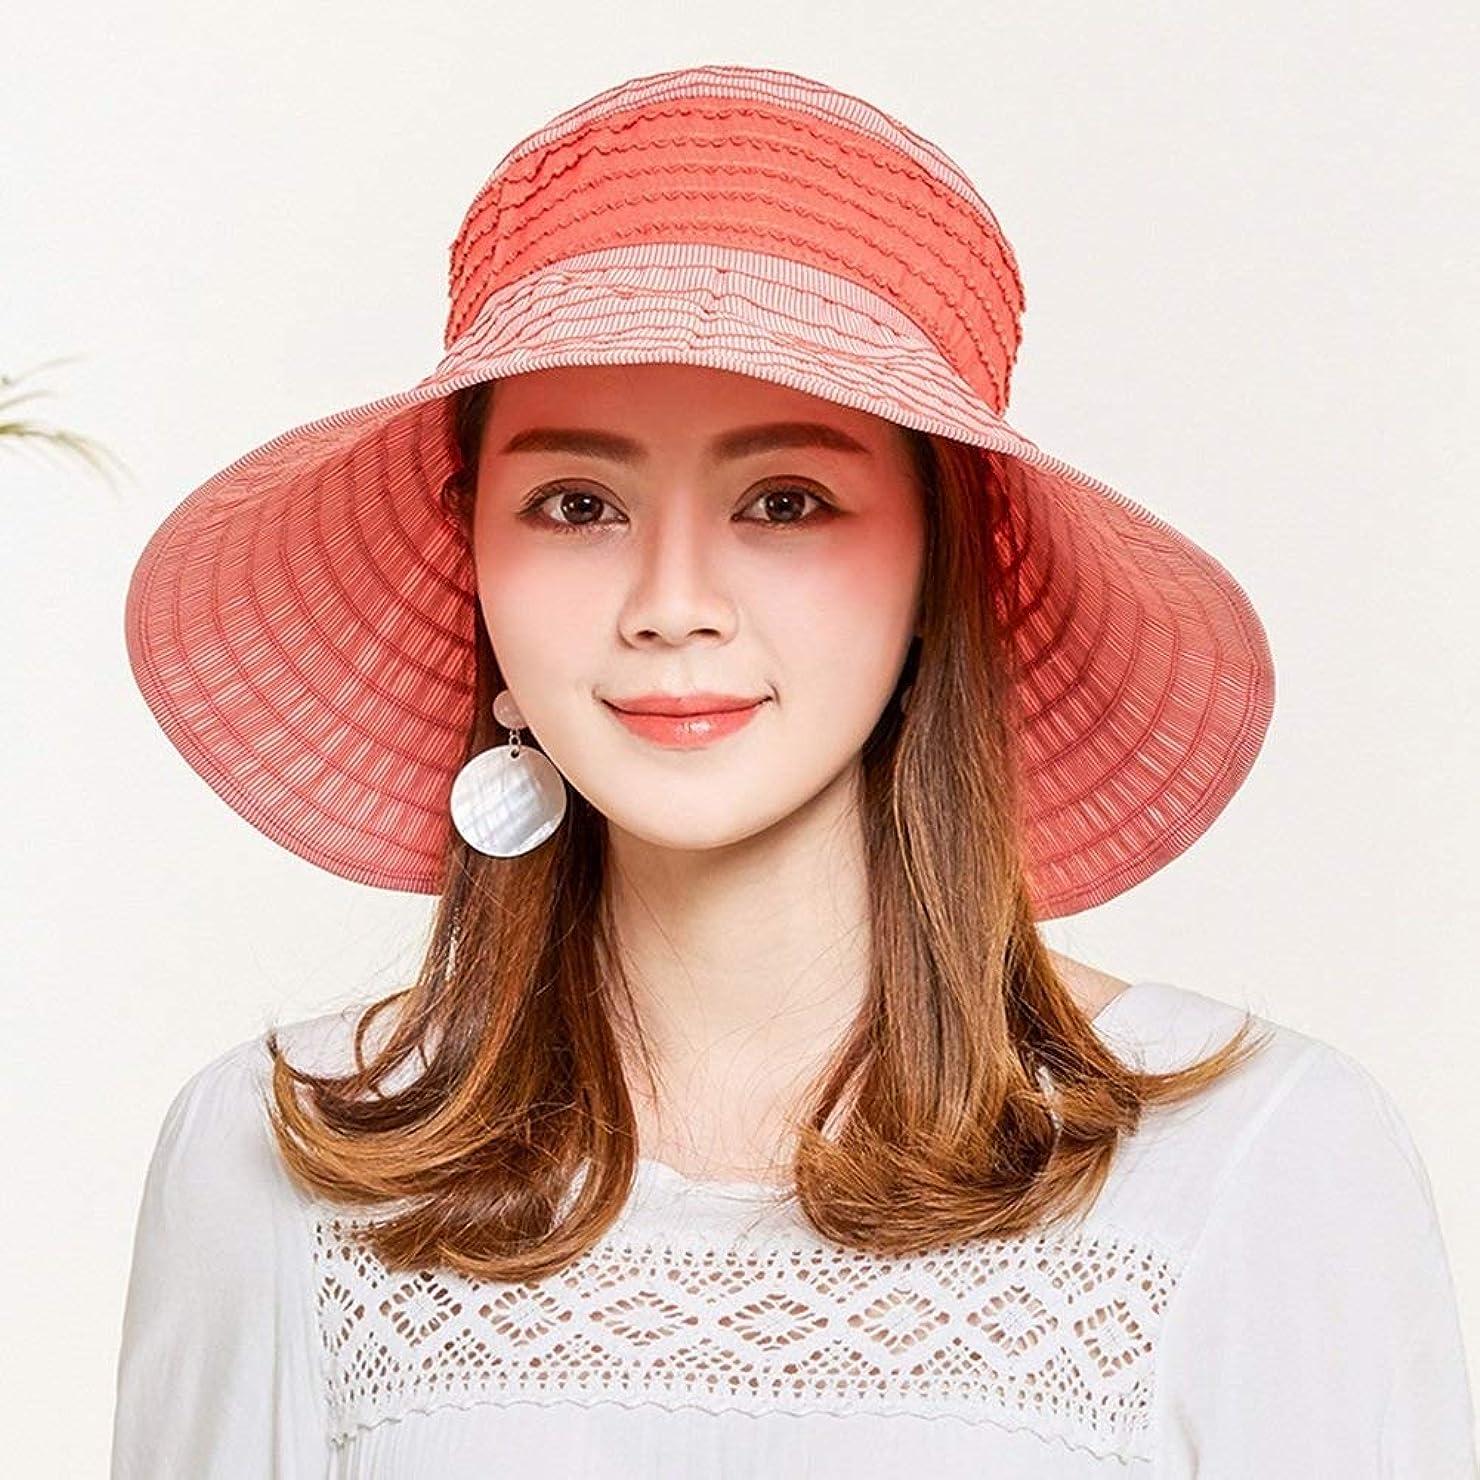 ハプニング能力カプセルレディース日曜日の帽子、女性夏浜の広い縁のわらのバイザーの帽子 (Color : Red)